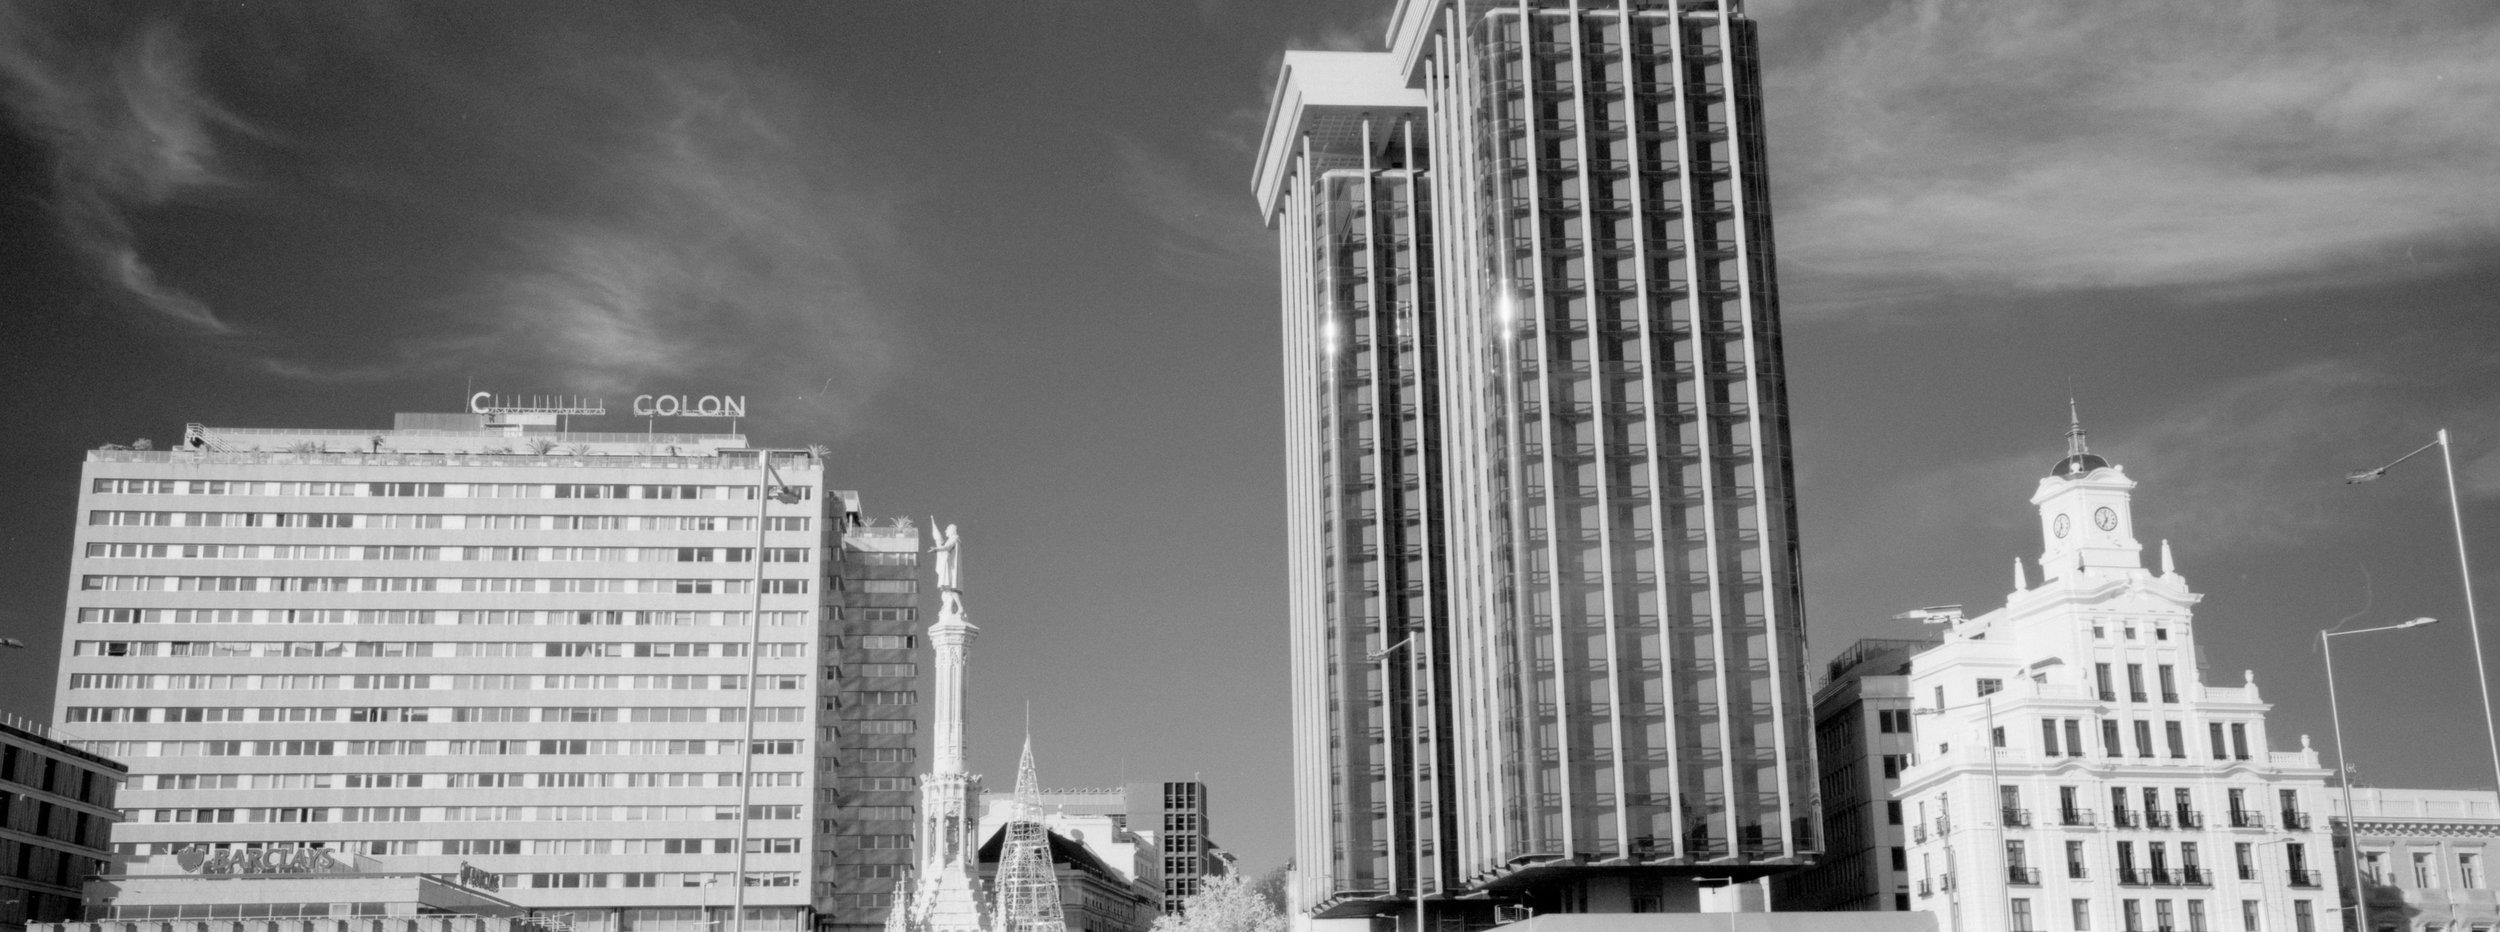 MadridInfrared6.jpg